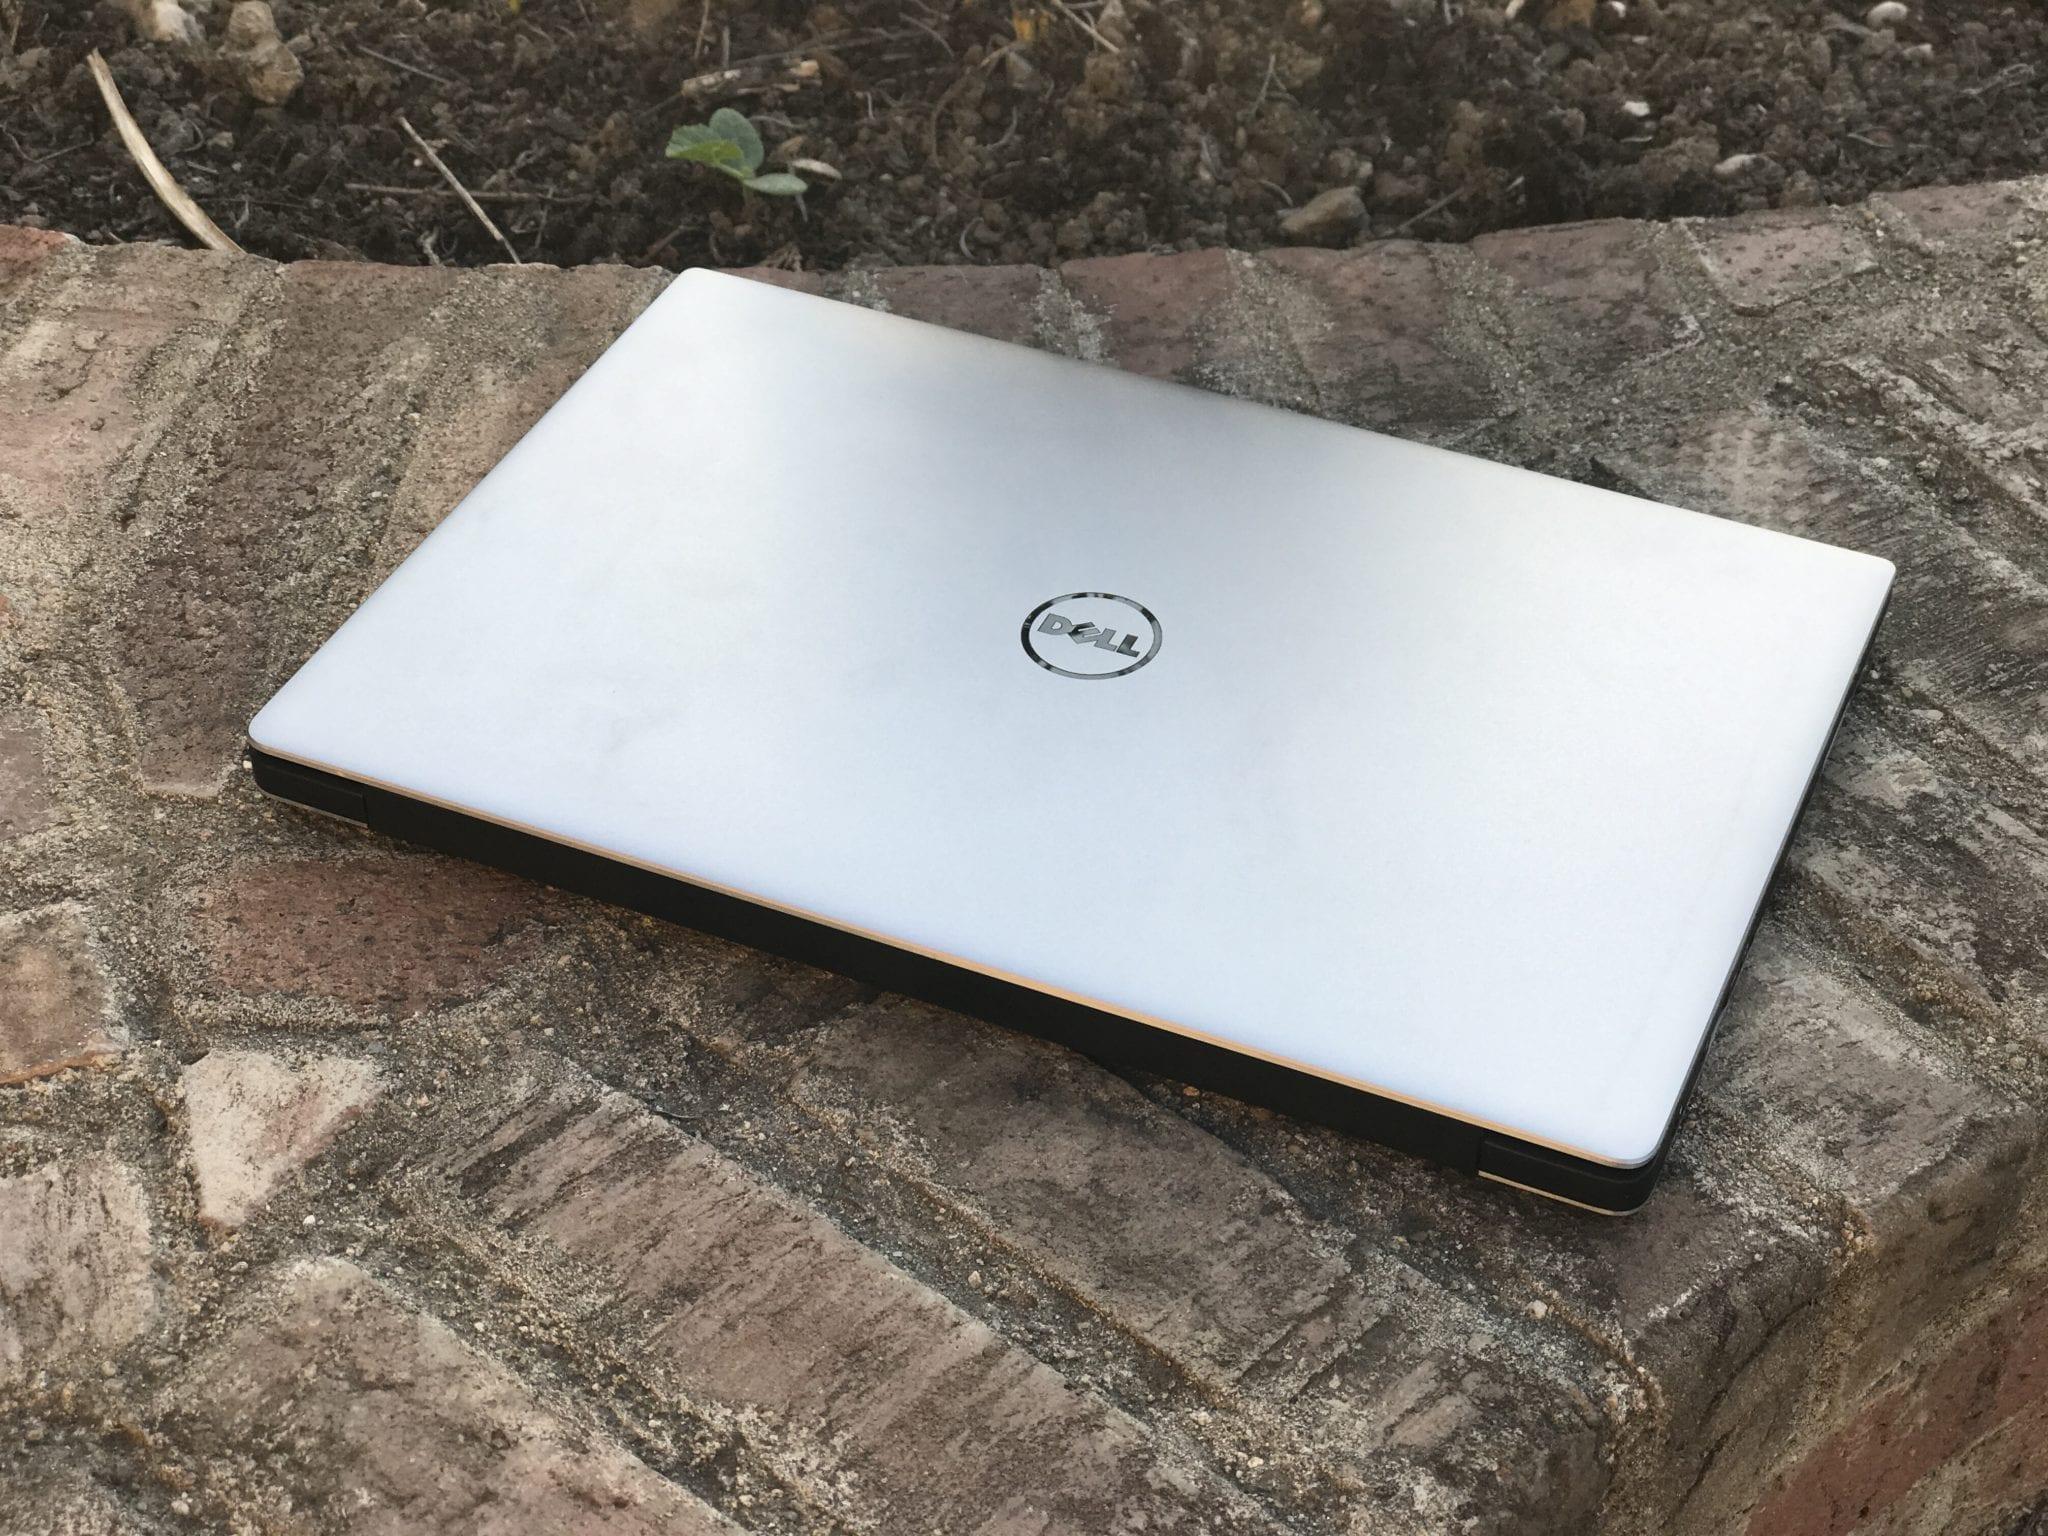 IMG 5235 - Recenze Dell XPS13 Touch: aneb když má MacBook Pro konkurenci